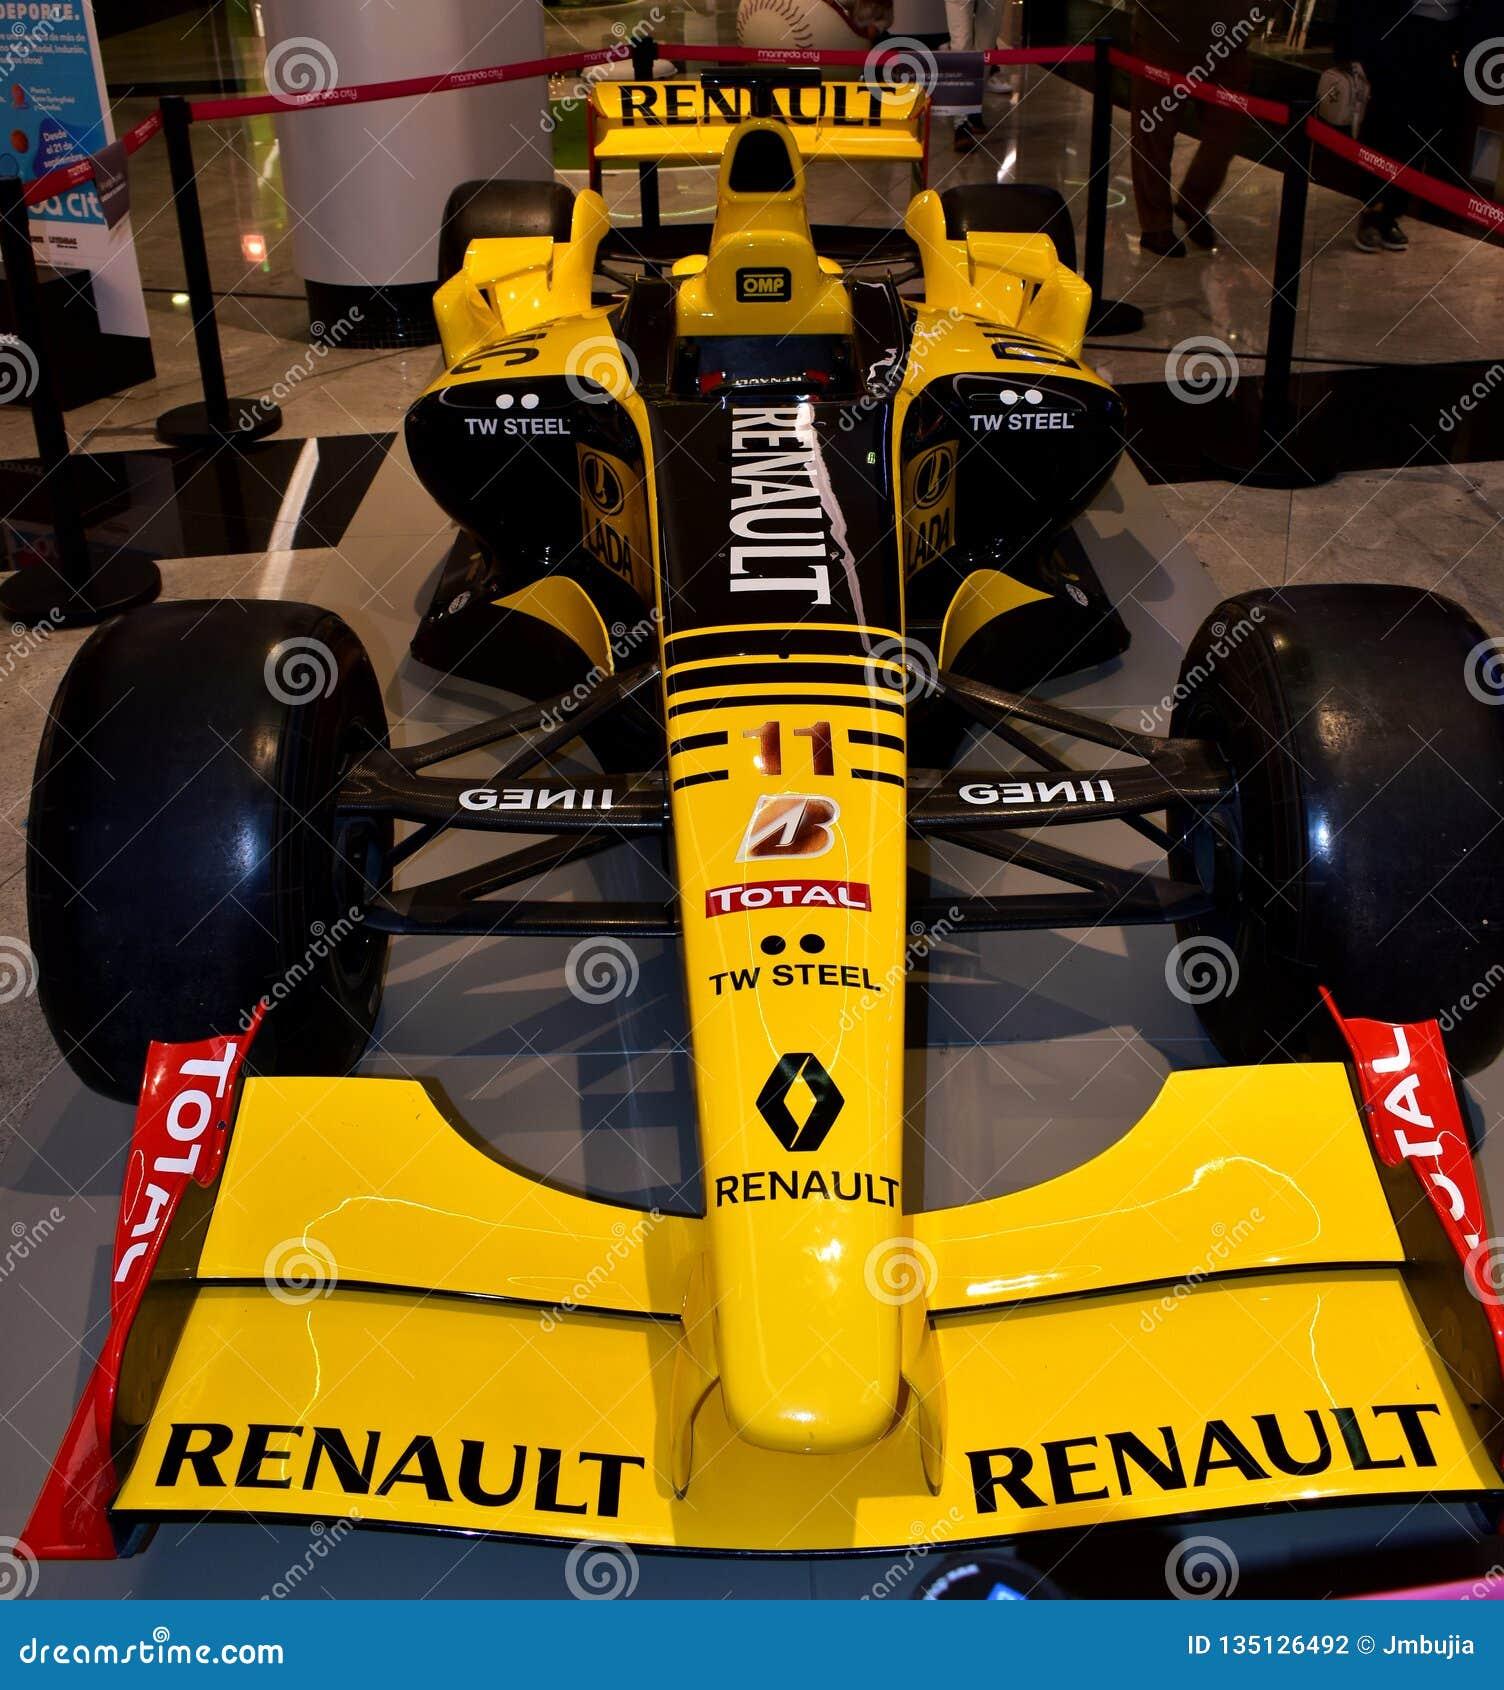 De auto van Renault R30 Formule 1 door Robert Kubica in een wandelgalerij wordt gedreven die